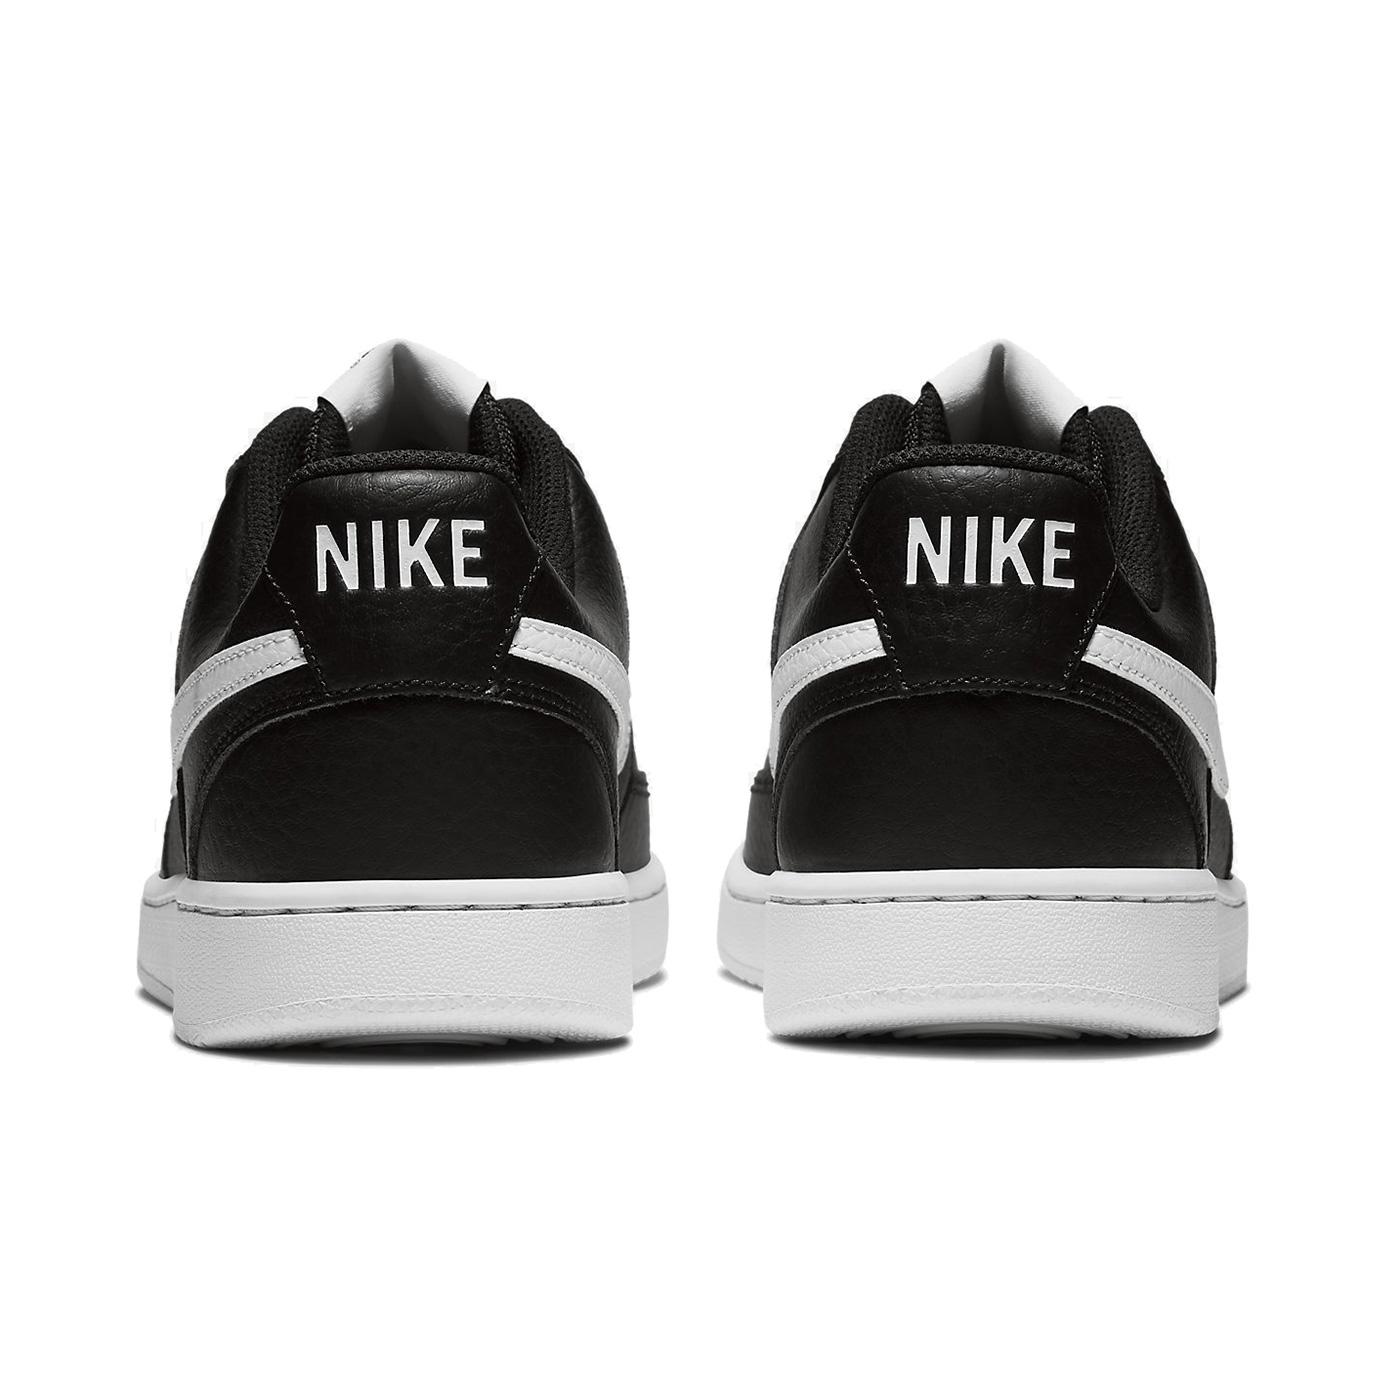 nike damen sneaker schwarz weiß